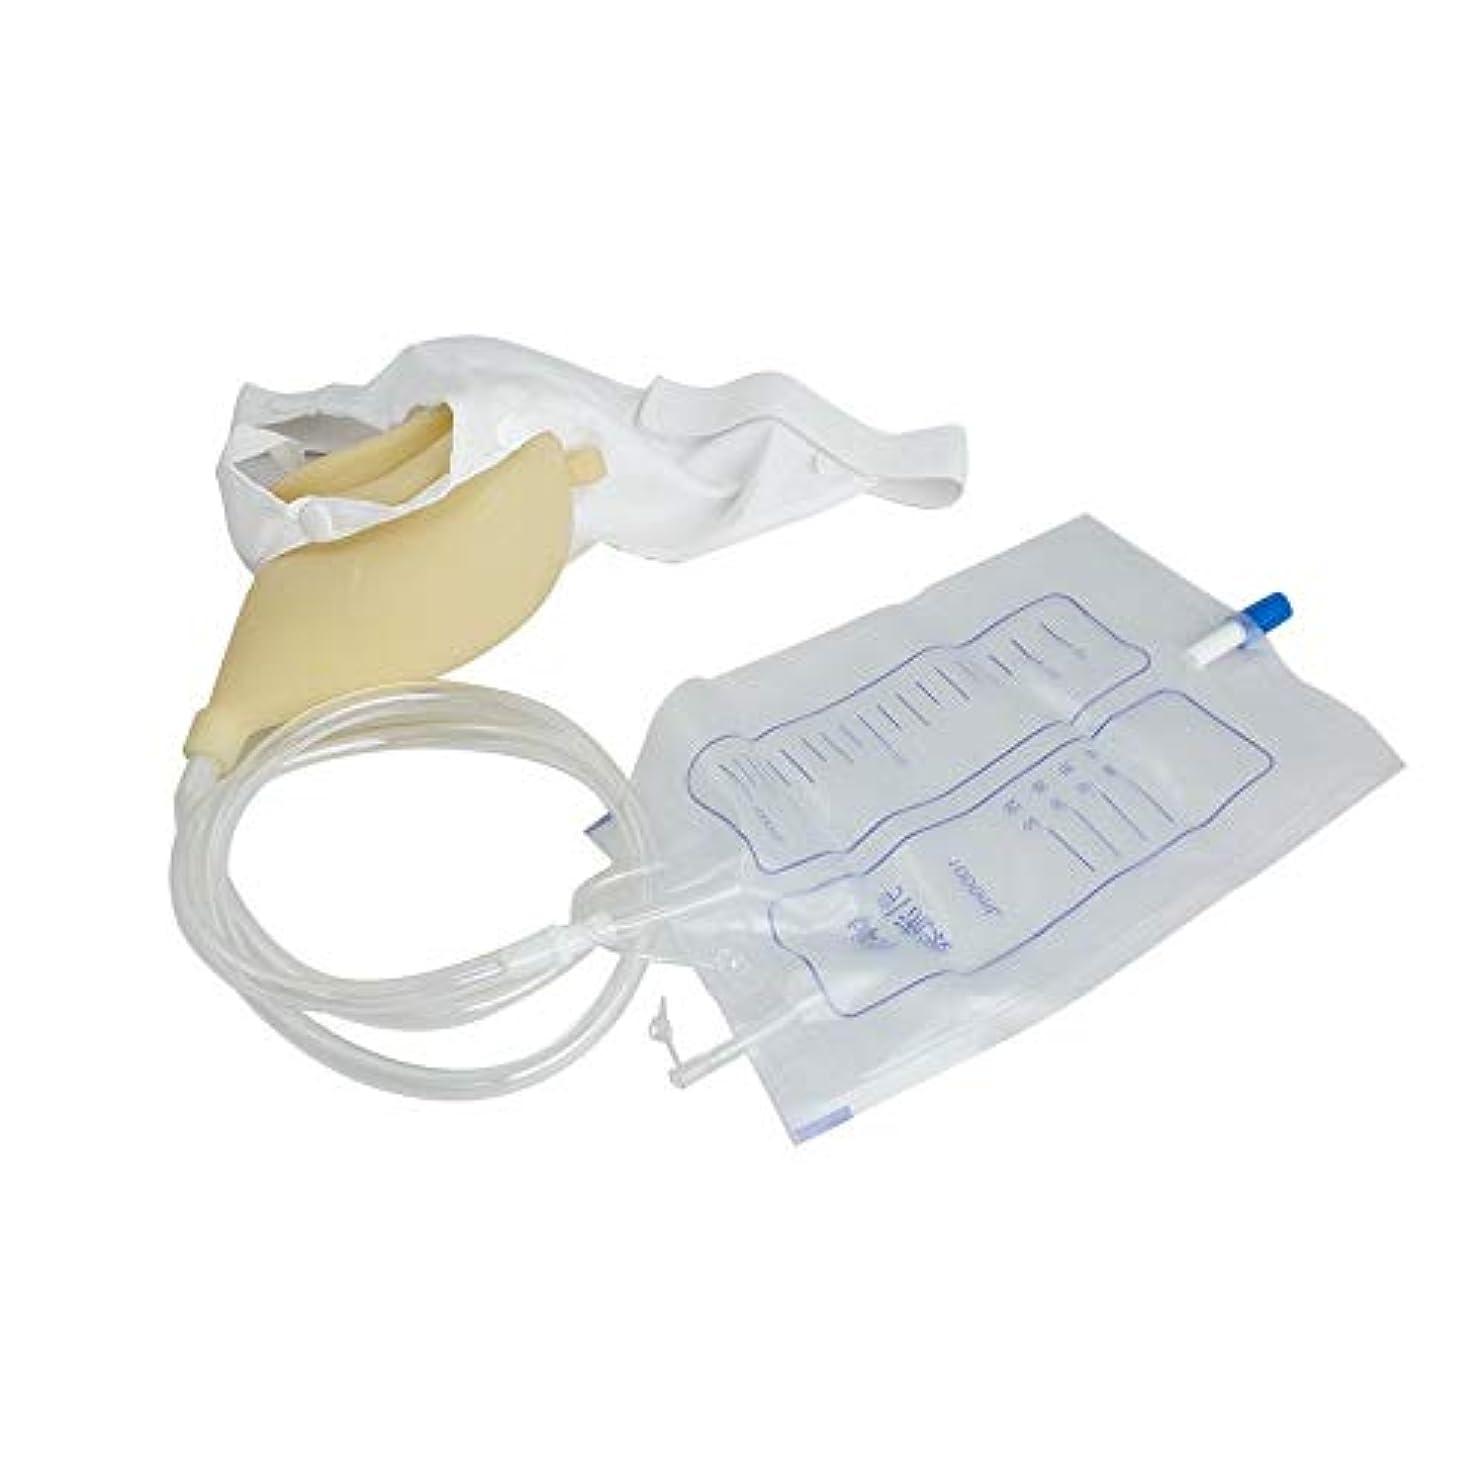 永久仕立て屋後ろ、背後、背面(部ウェアラブル便器尿バッグコレクター、ポータブル便器、トイレ弾性ウエストバンド1000ミリリットル再利用可能なおしっこバッグ (Color : Women)